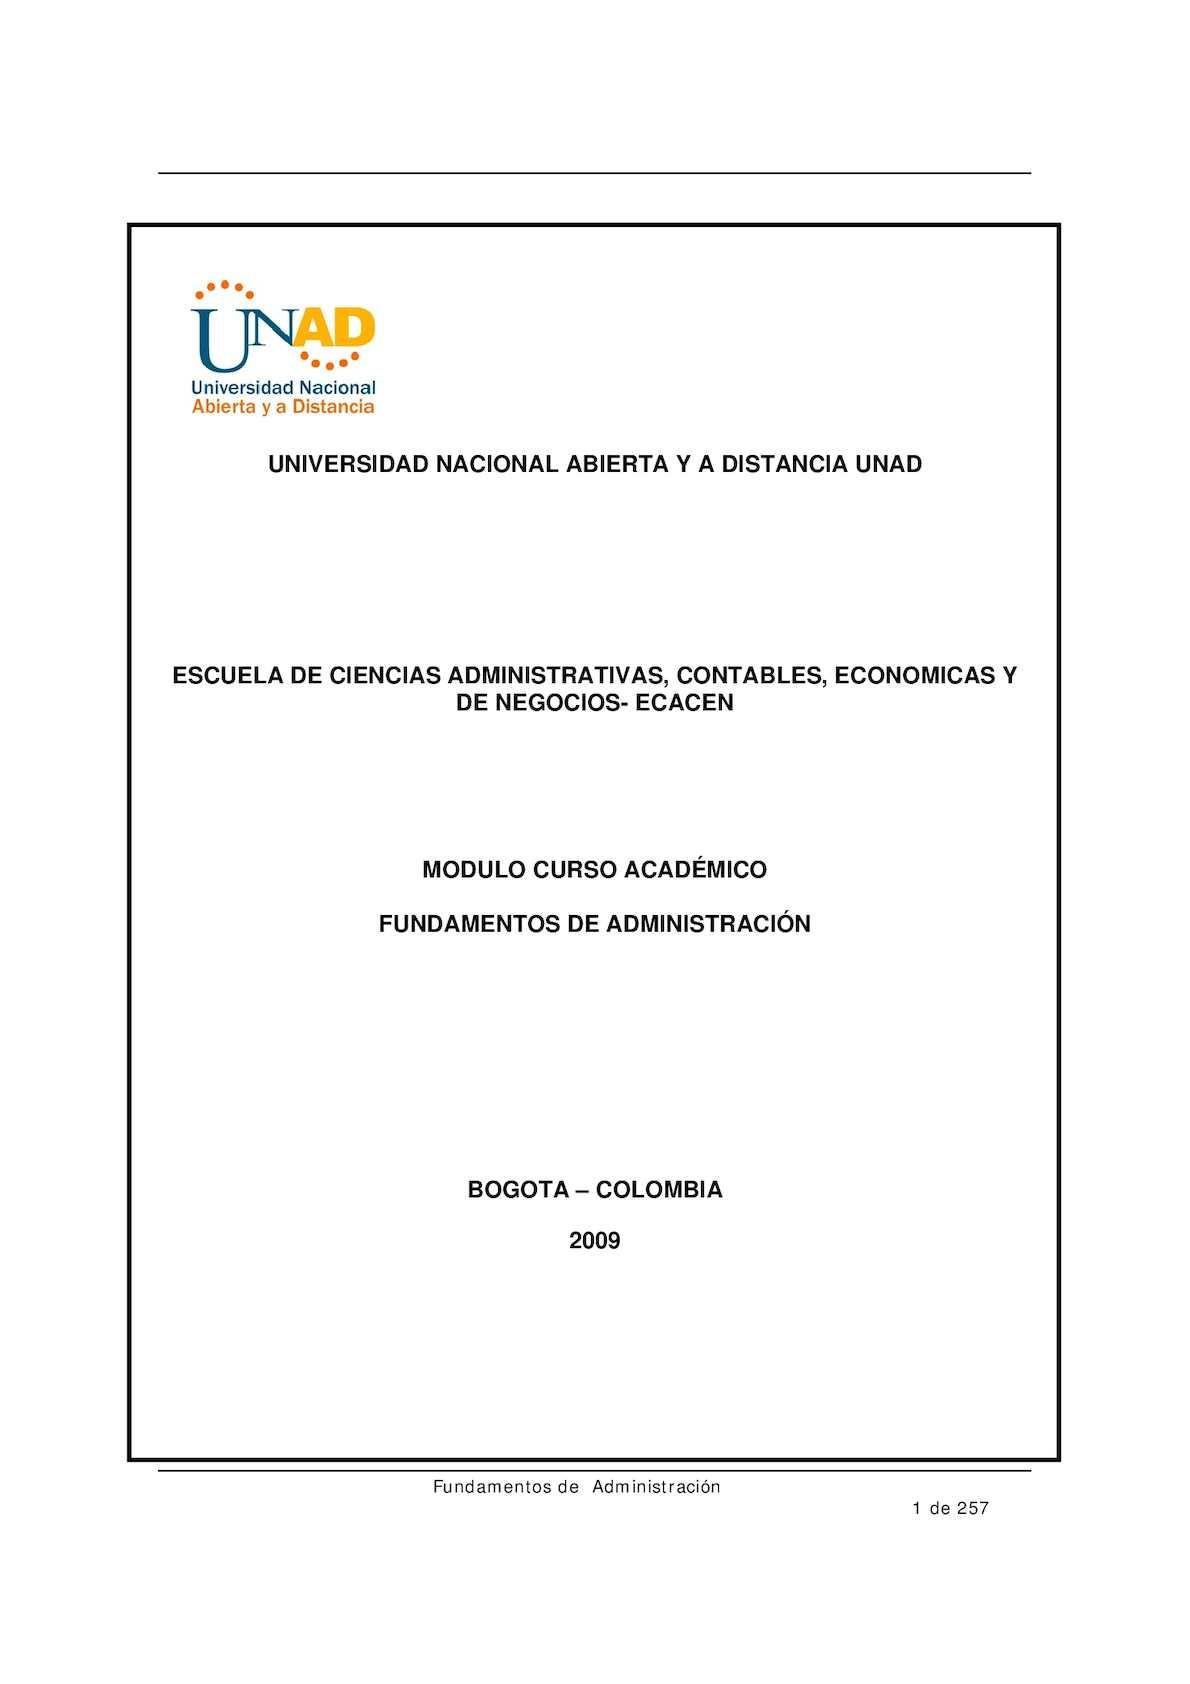 Calaméo - Modulo Fundamentos De Administracion Una (1)